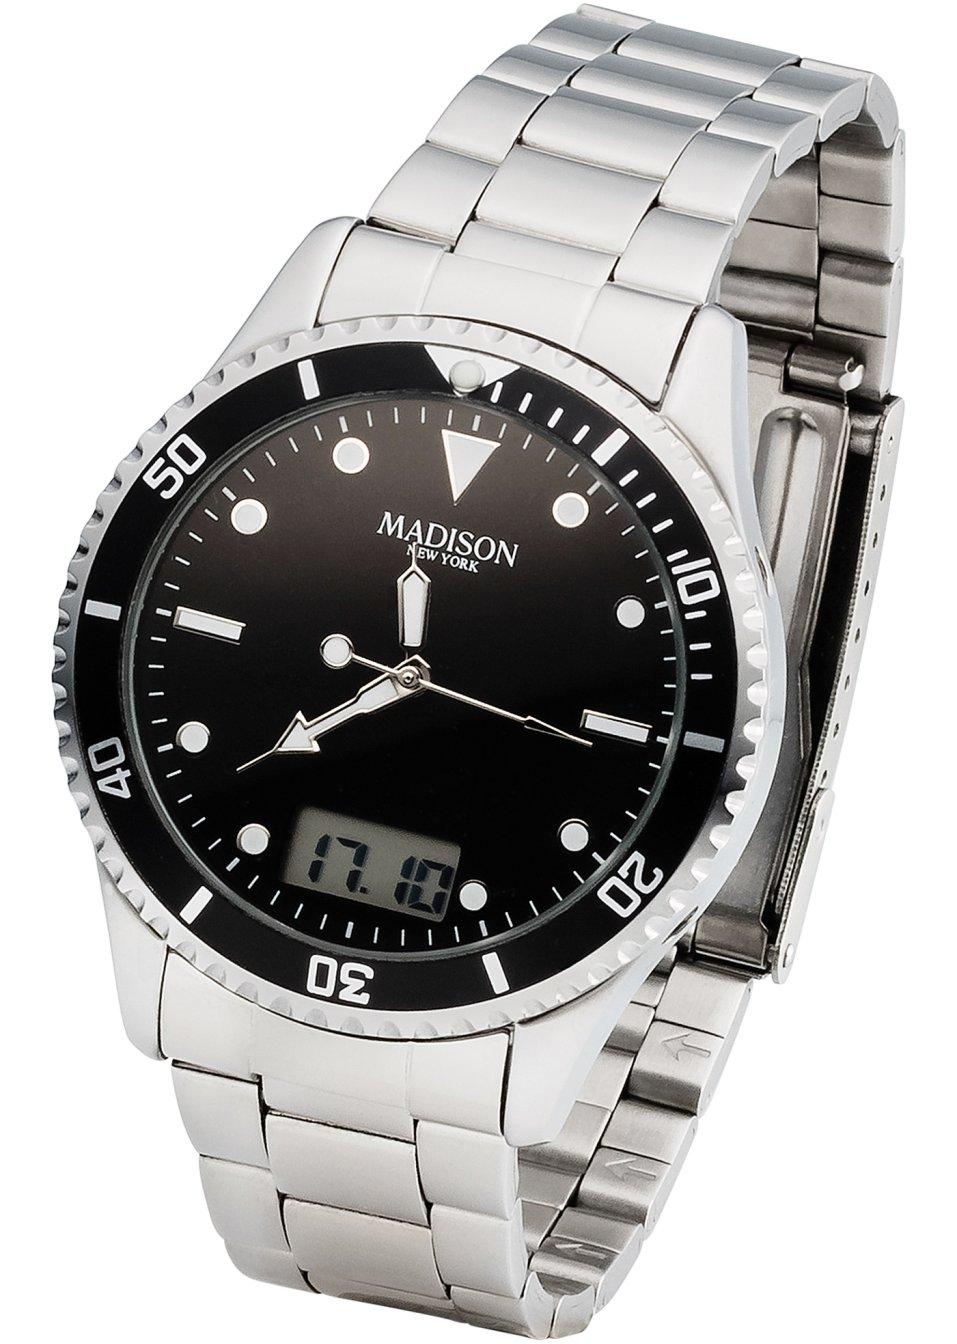 Montre bracelet homme radio pilot e gris acier acheter online - Acheter corniere acier ...